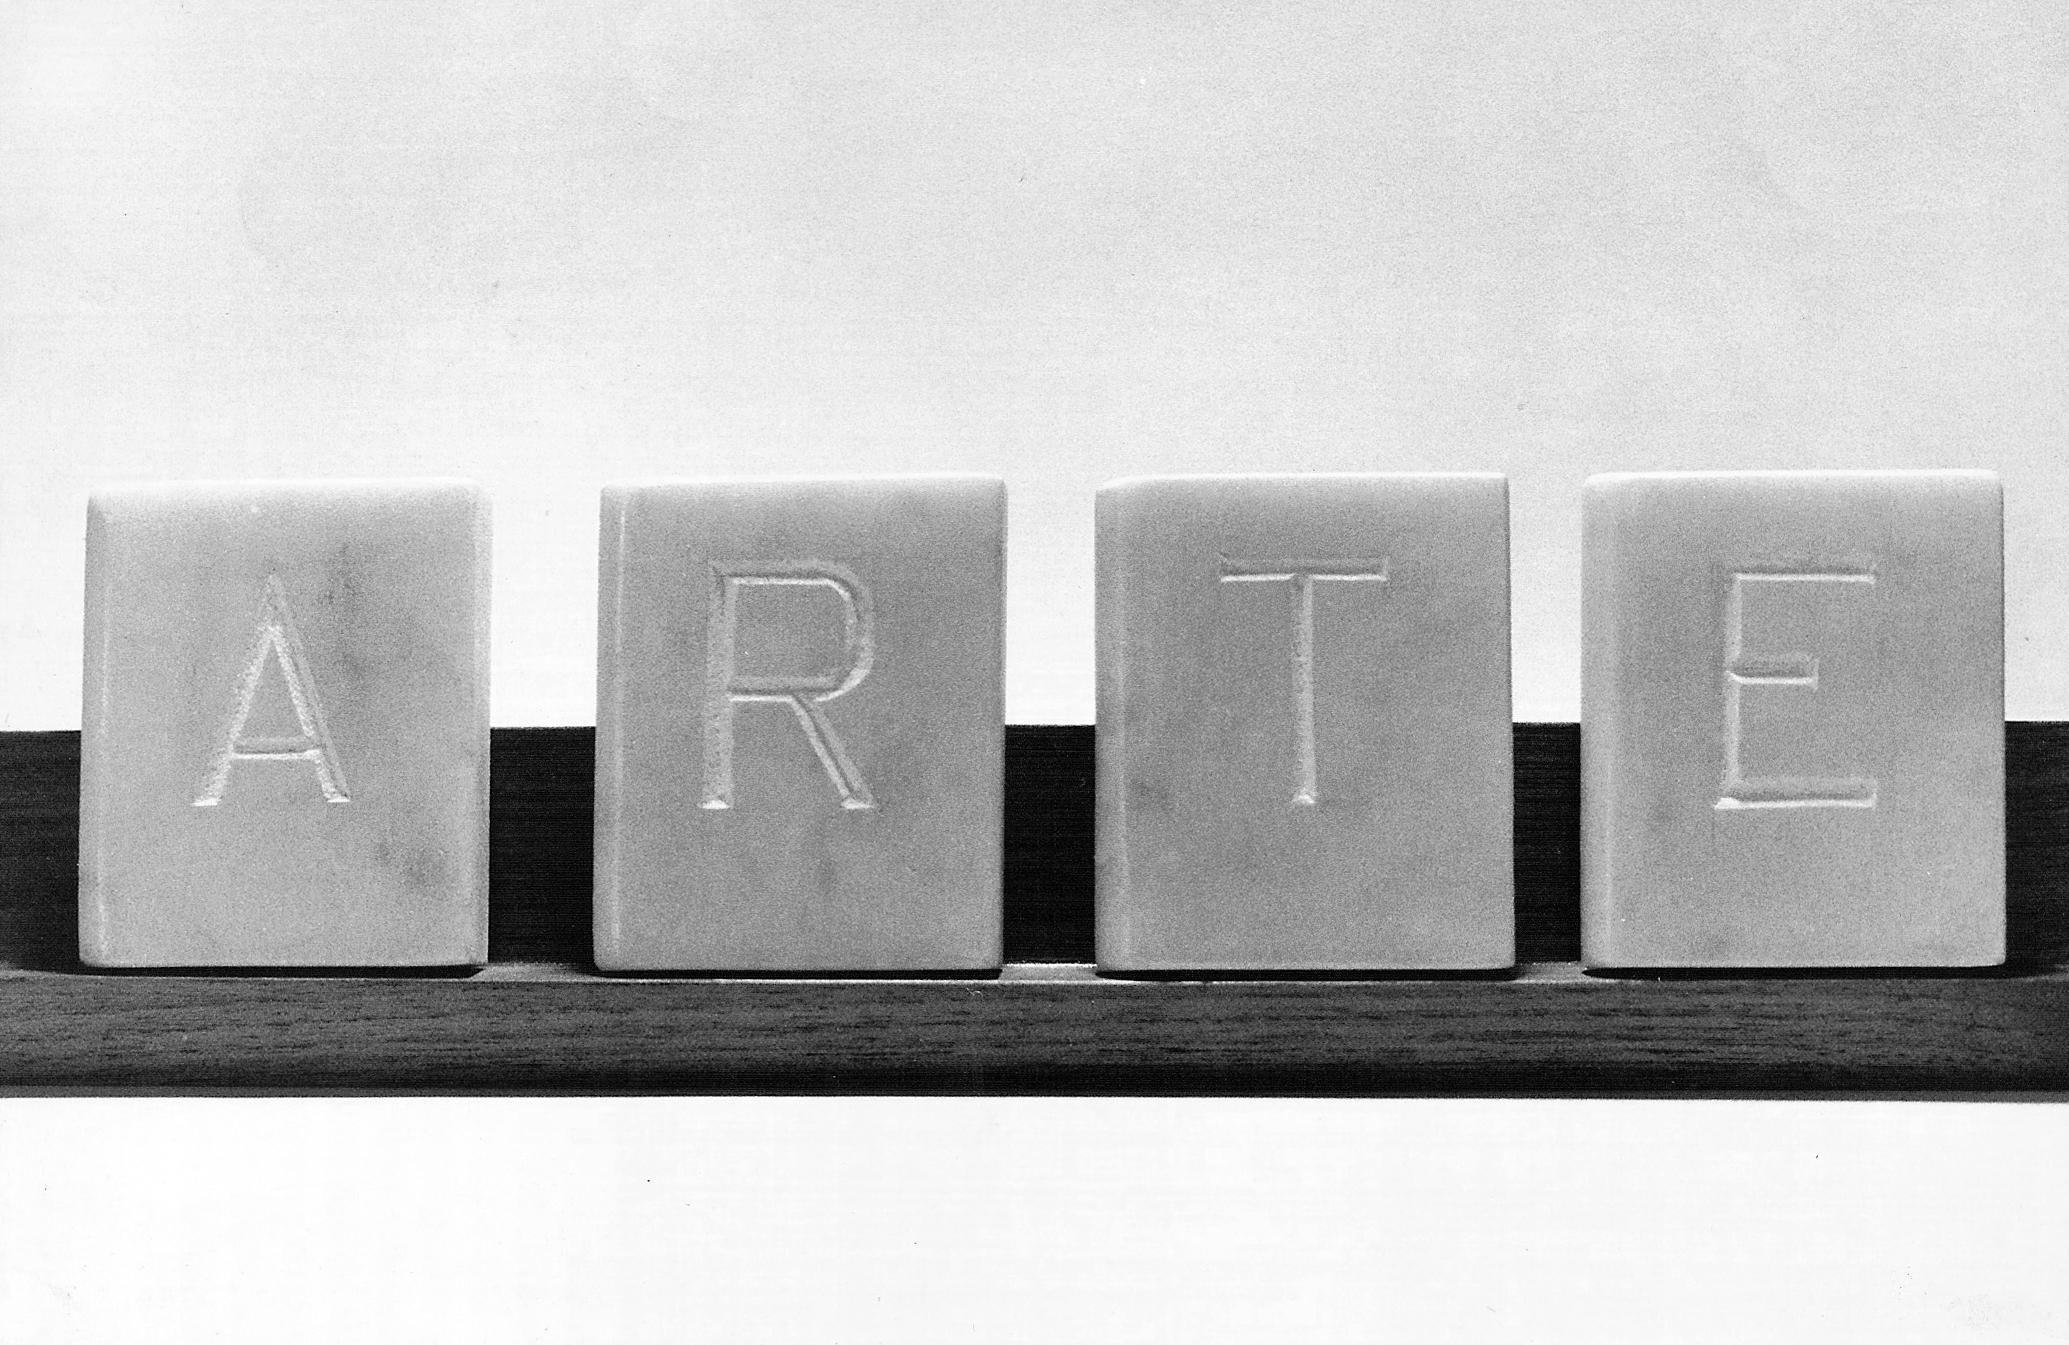 Abecedario, ARTE libros en mármol de Carrara 6 cm x 5 cm x 1,5cm, 1984